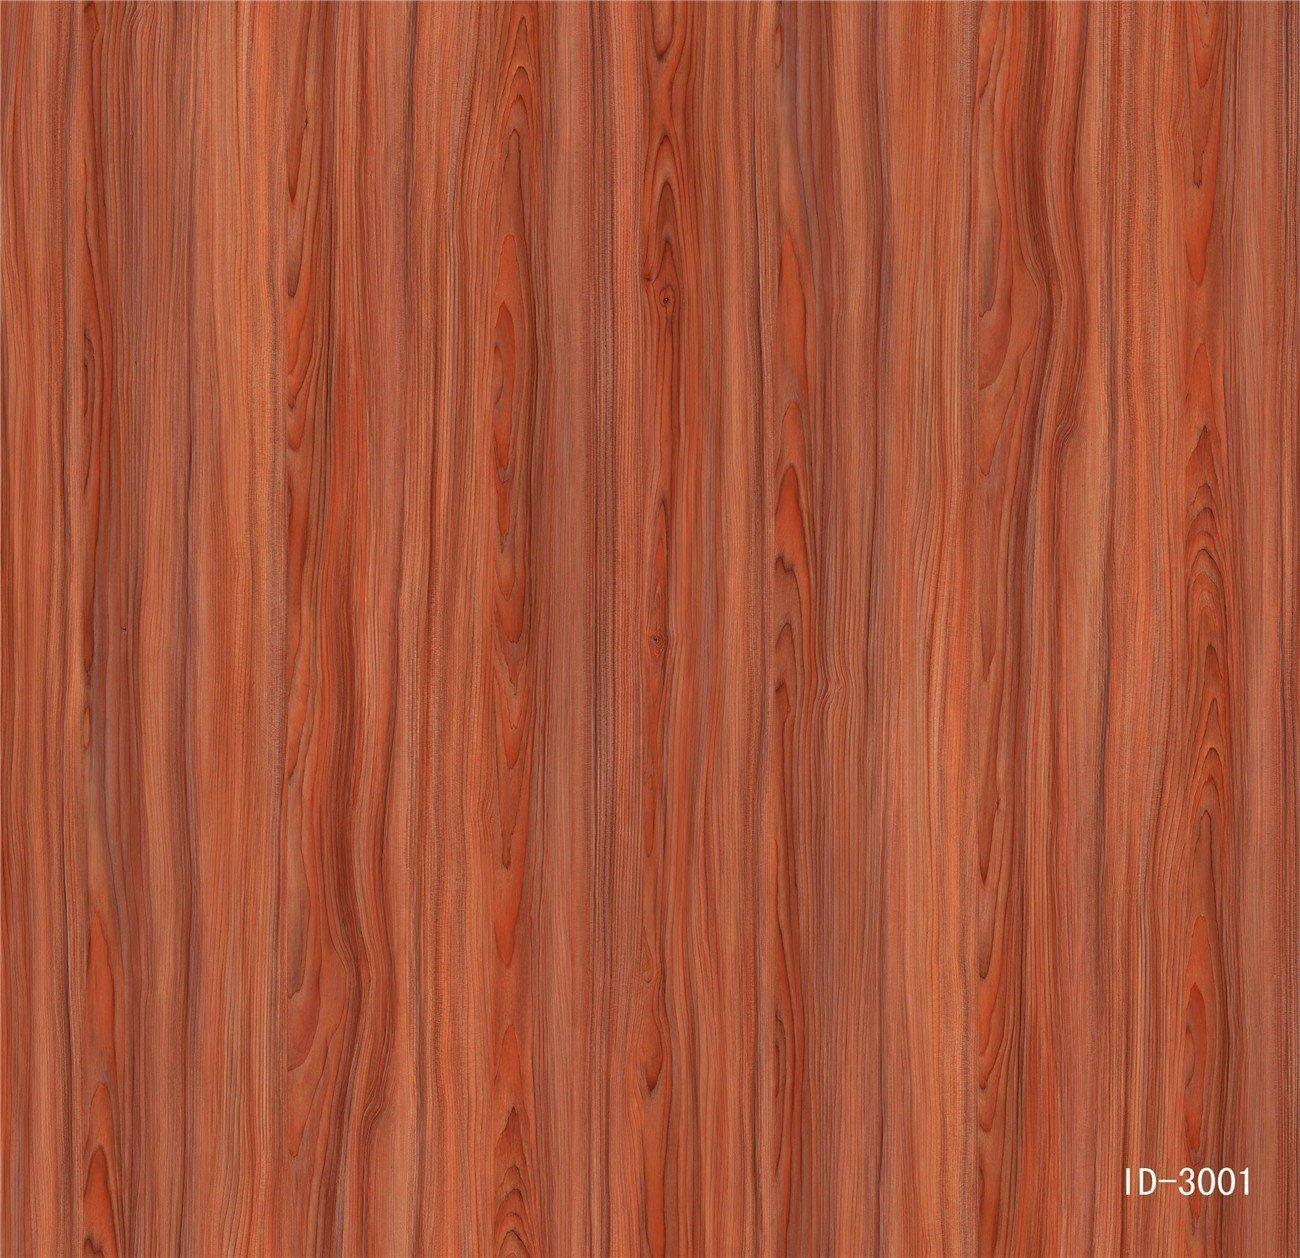 home decor panel walnut melamine I.DECOR Decorative Material